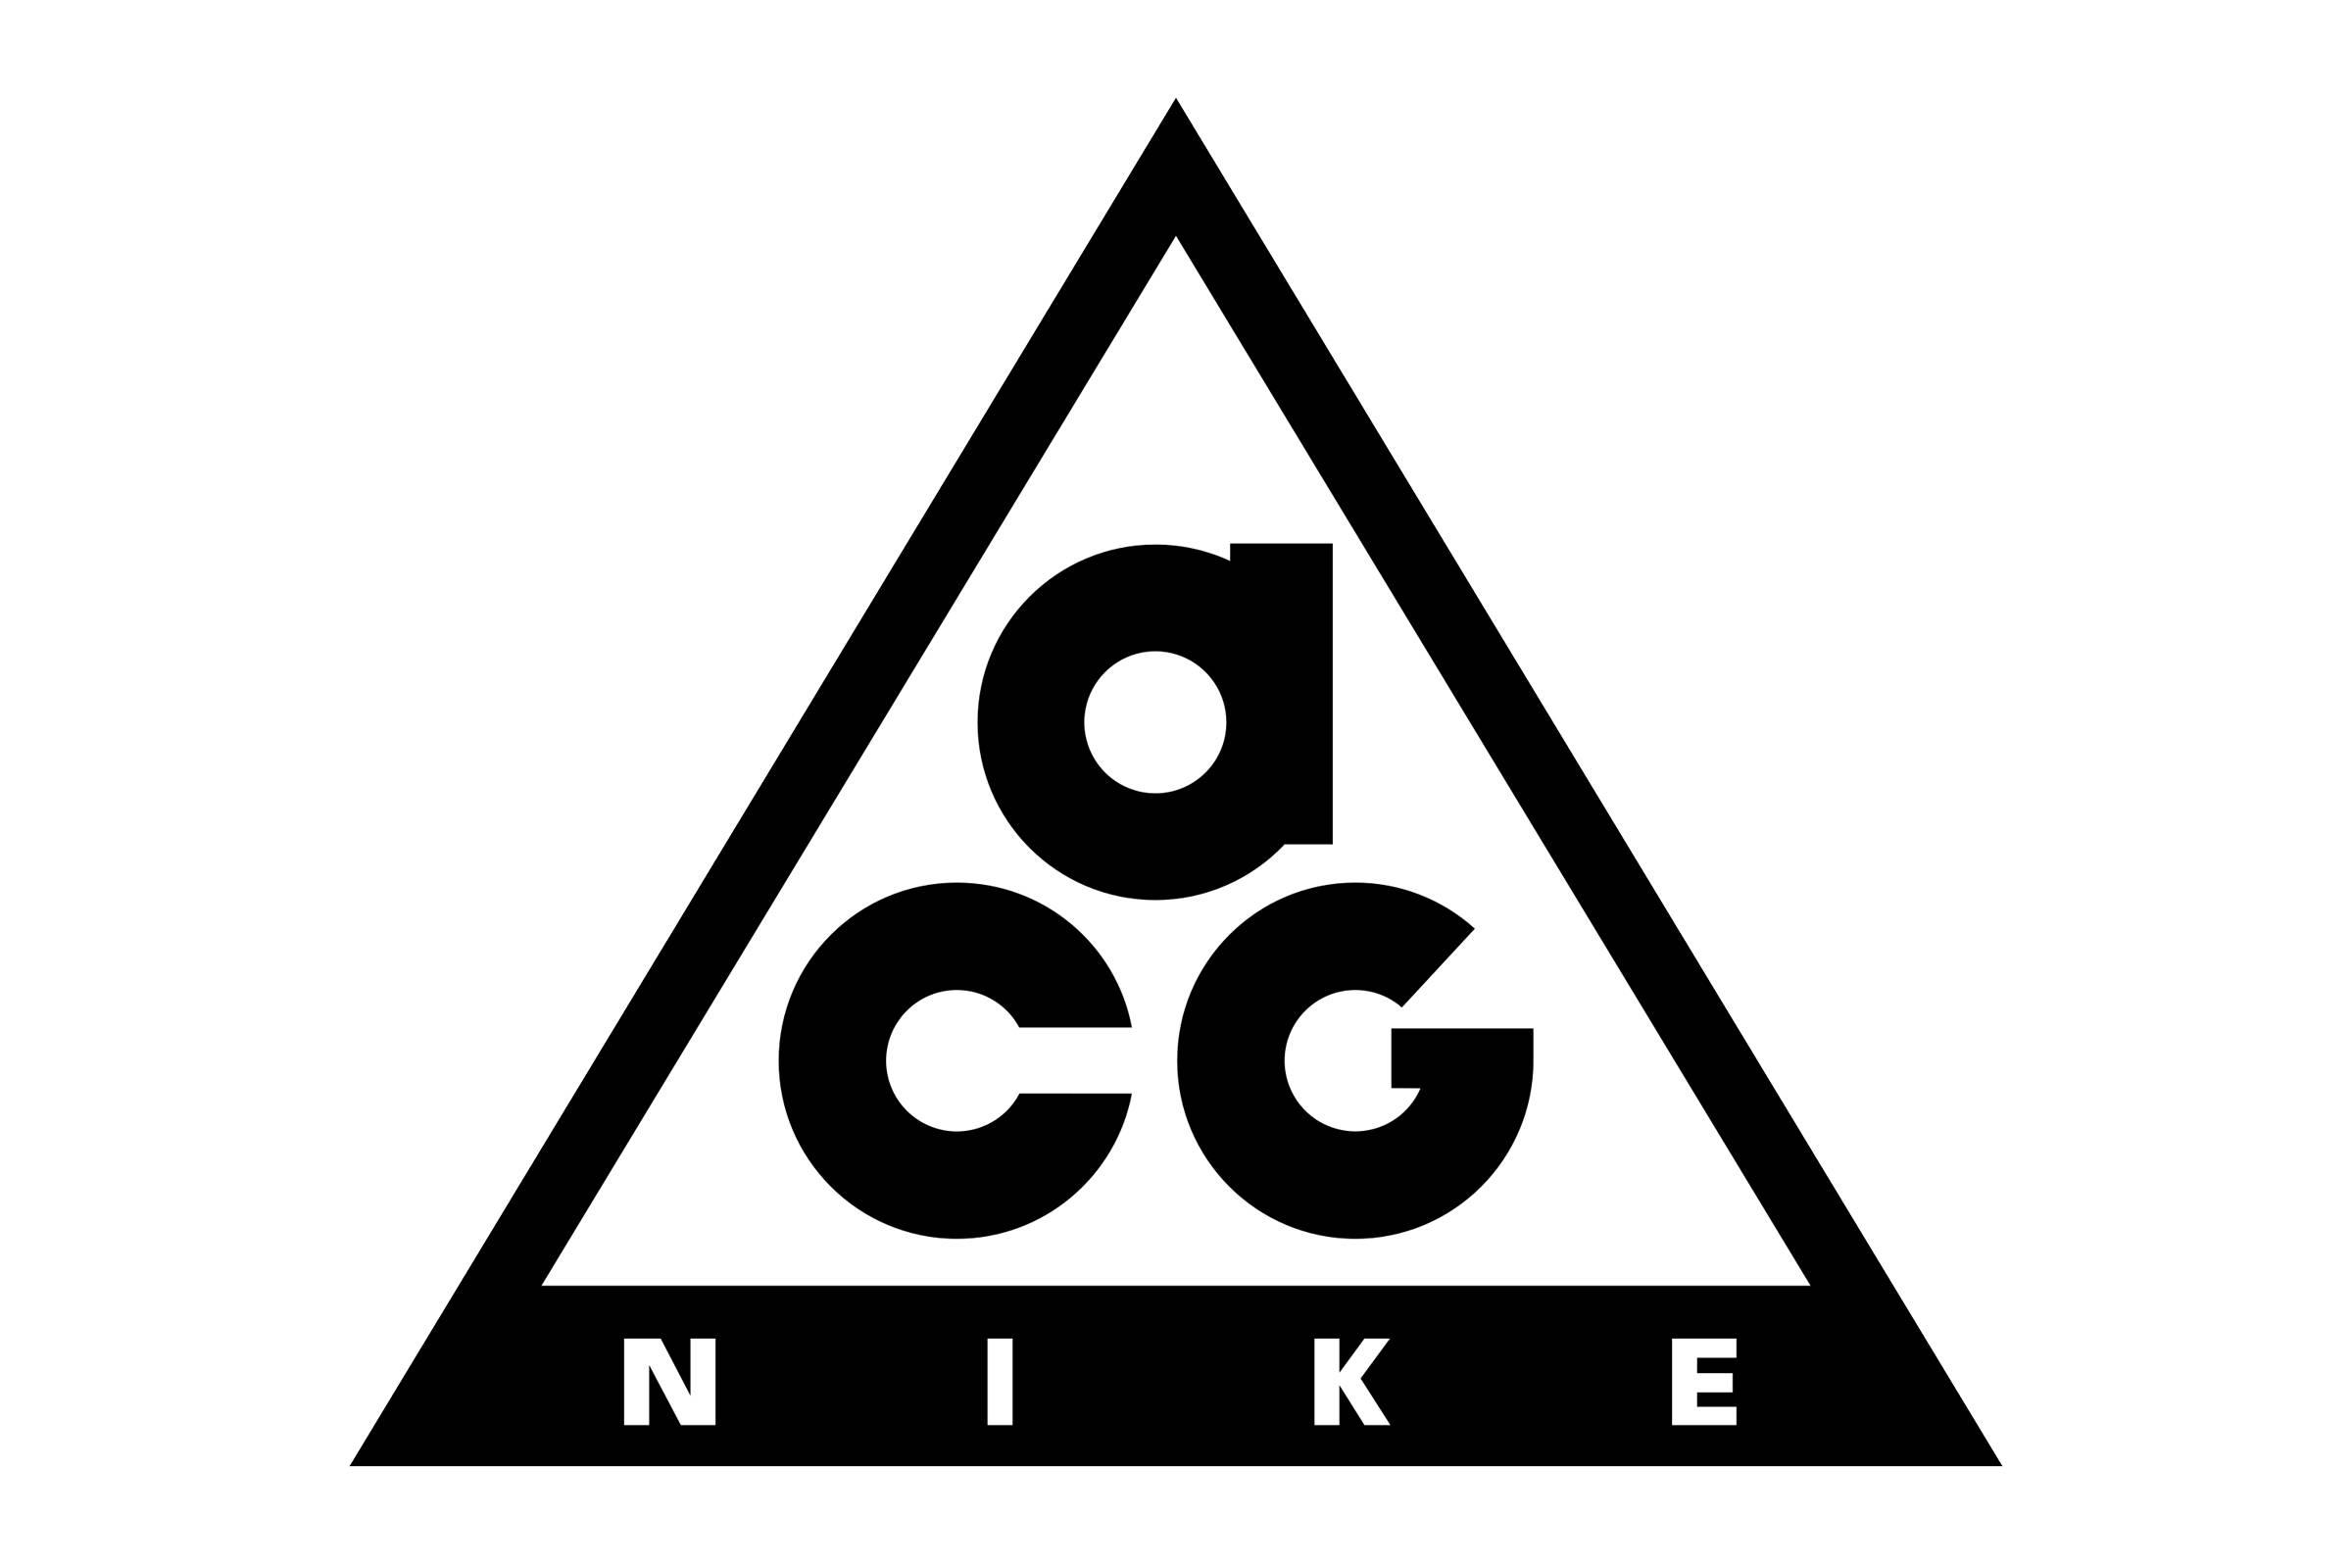 9. Nike ACG